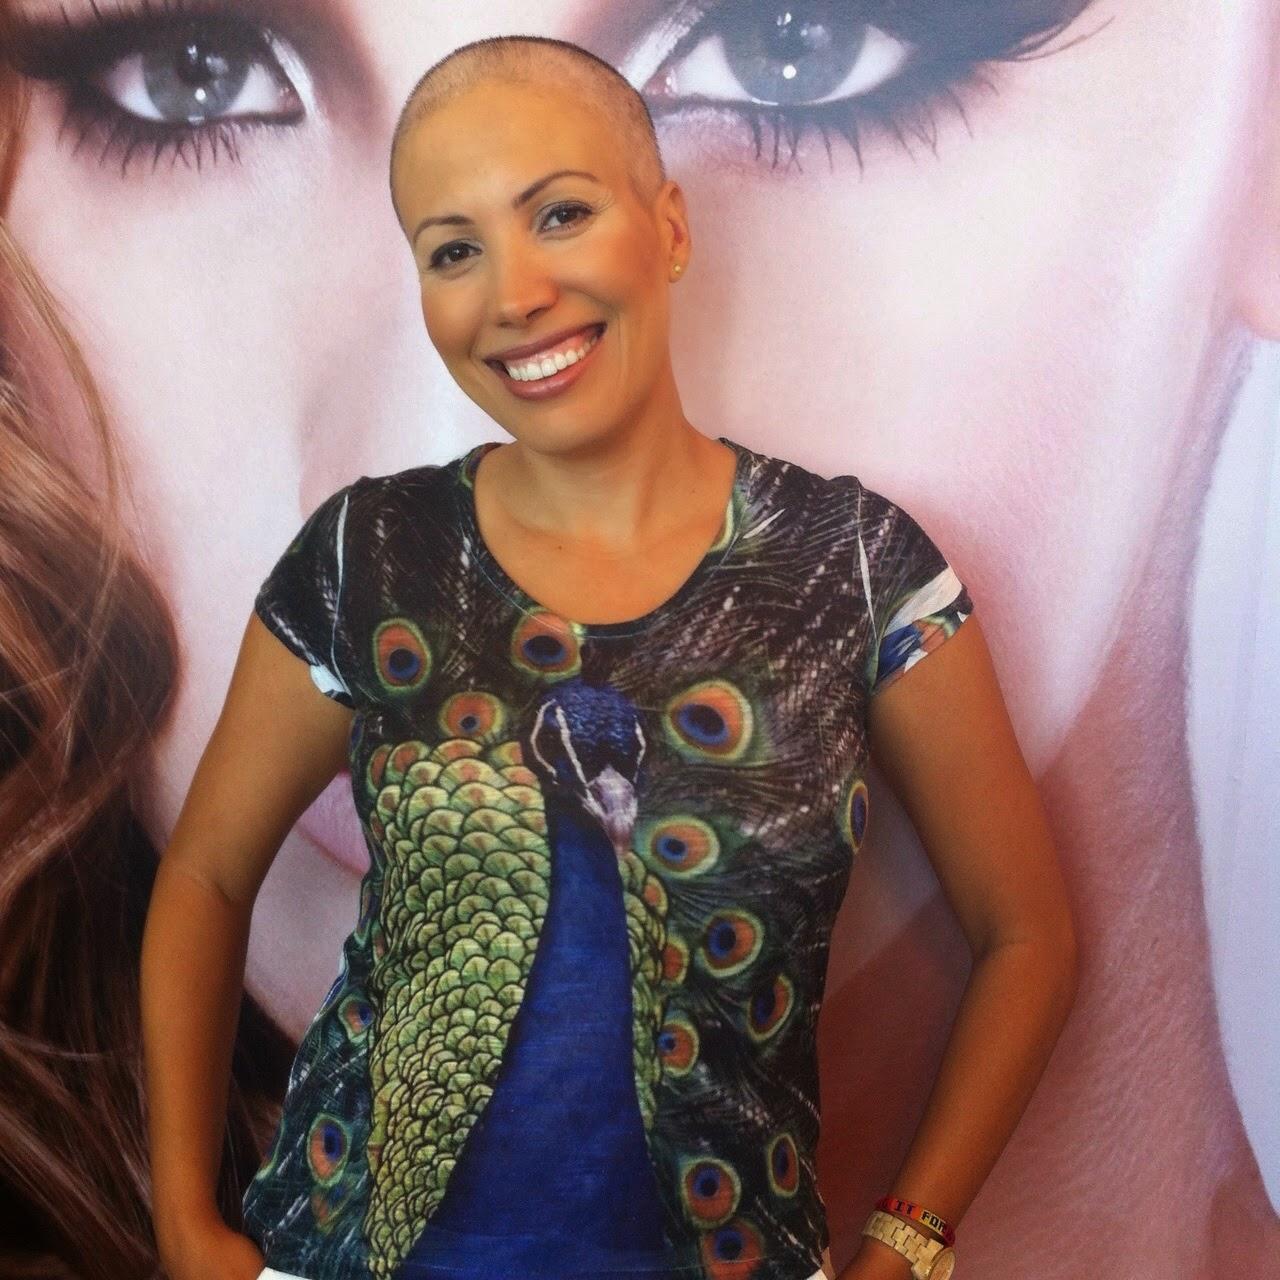 Por que os cabelos caem com a quimioterapia